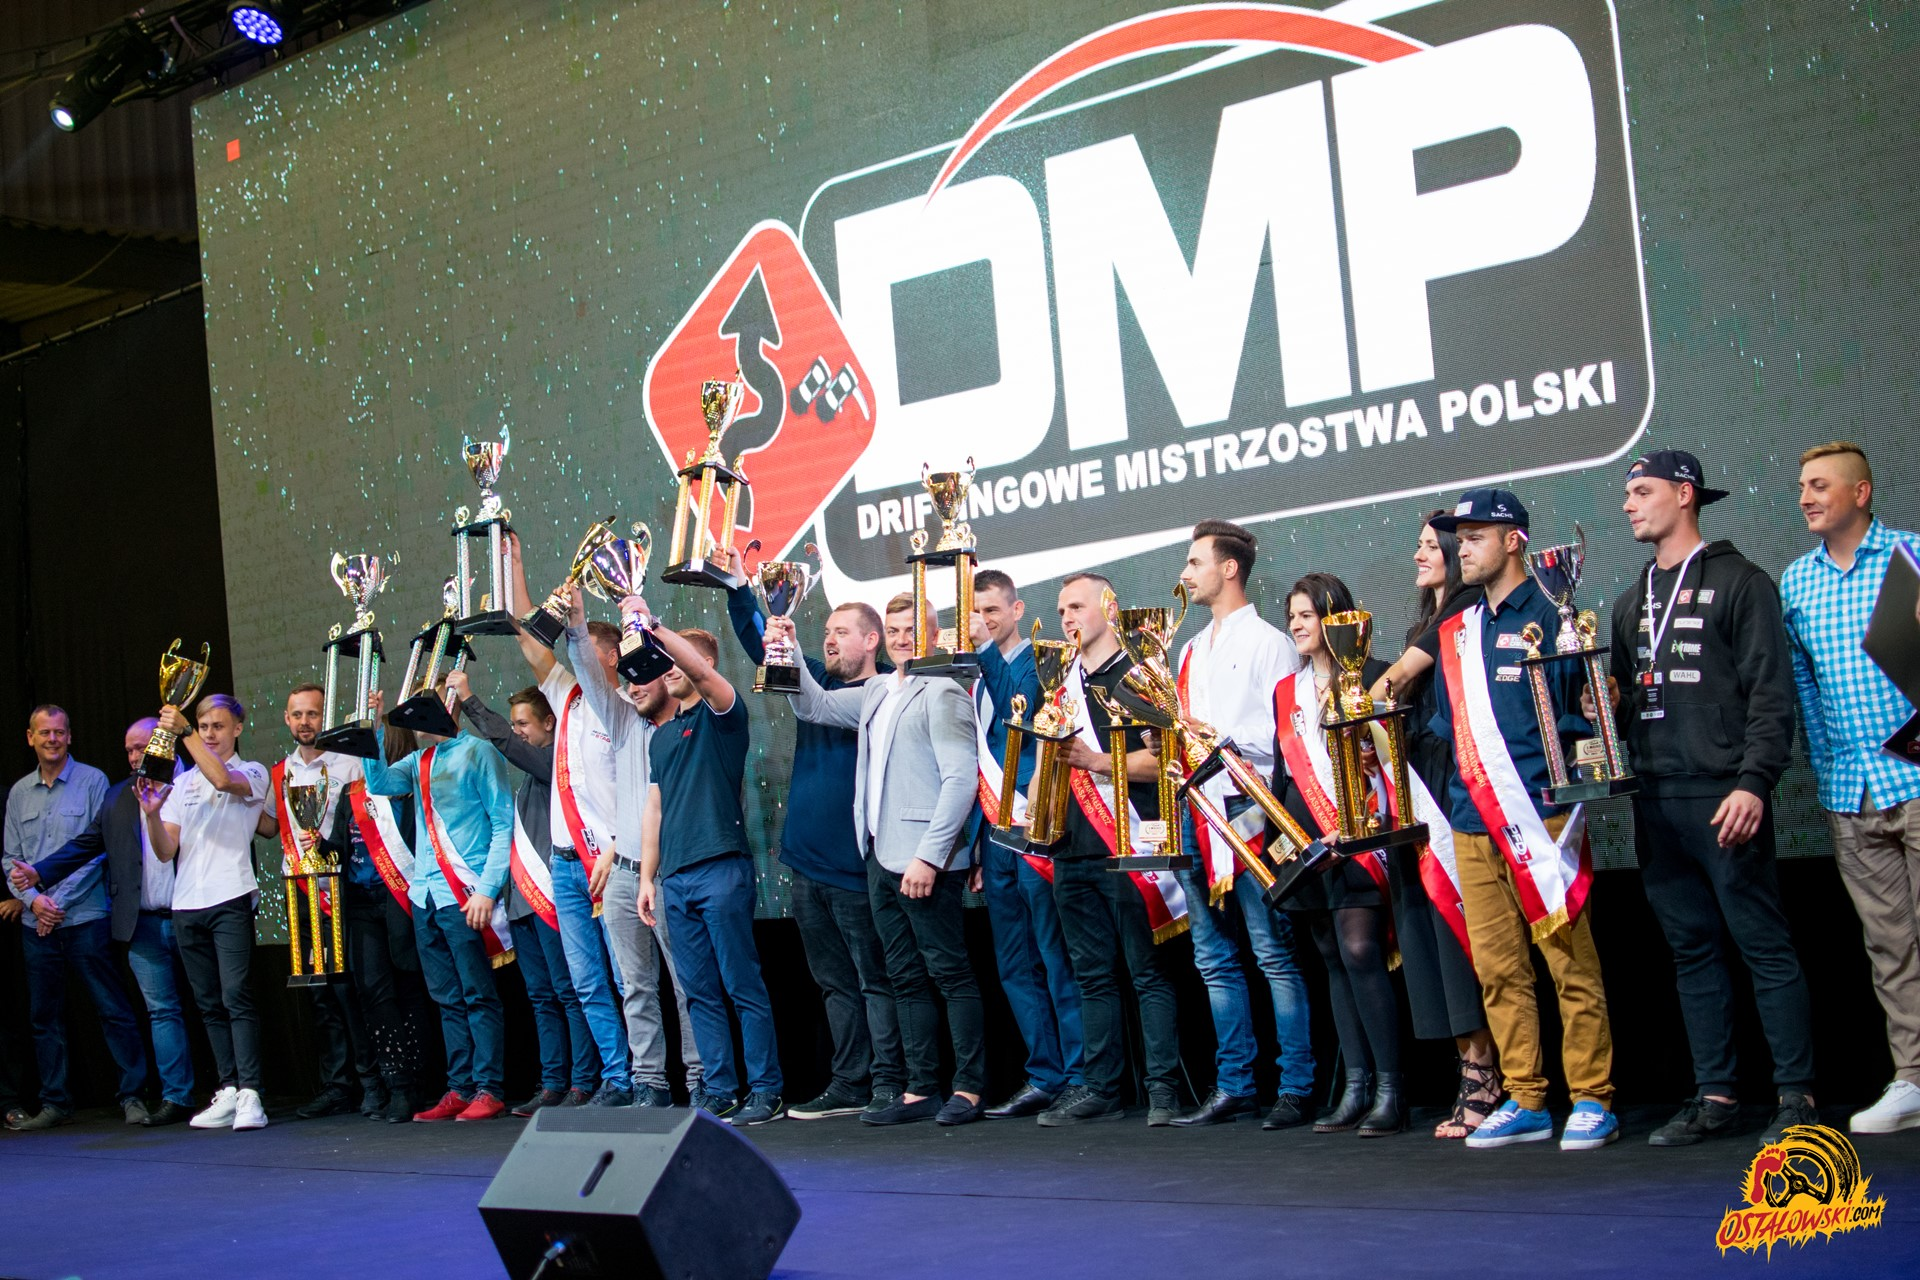 Bartosz Ostałowski - Warsaw Motor Show 2019 (7 of 12).jpg